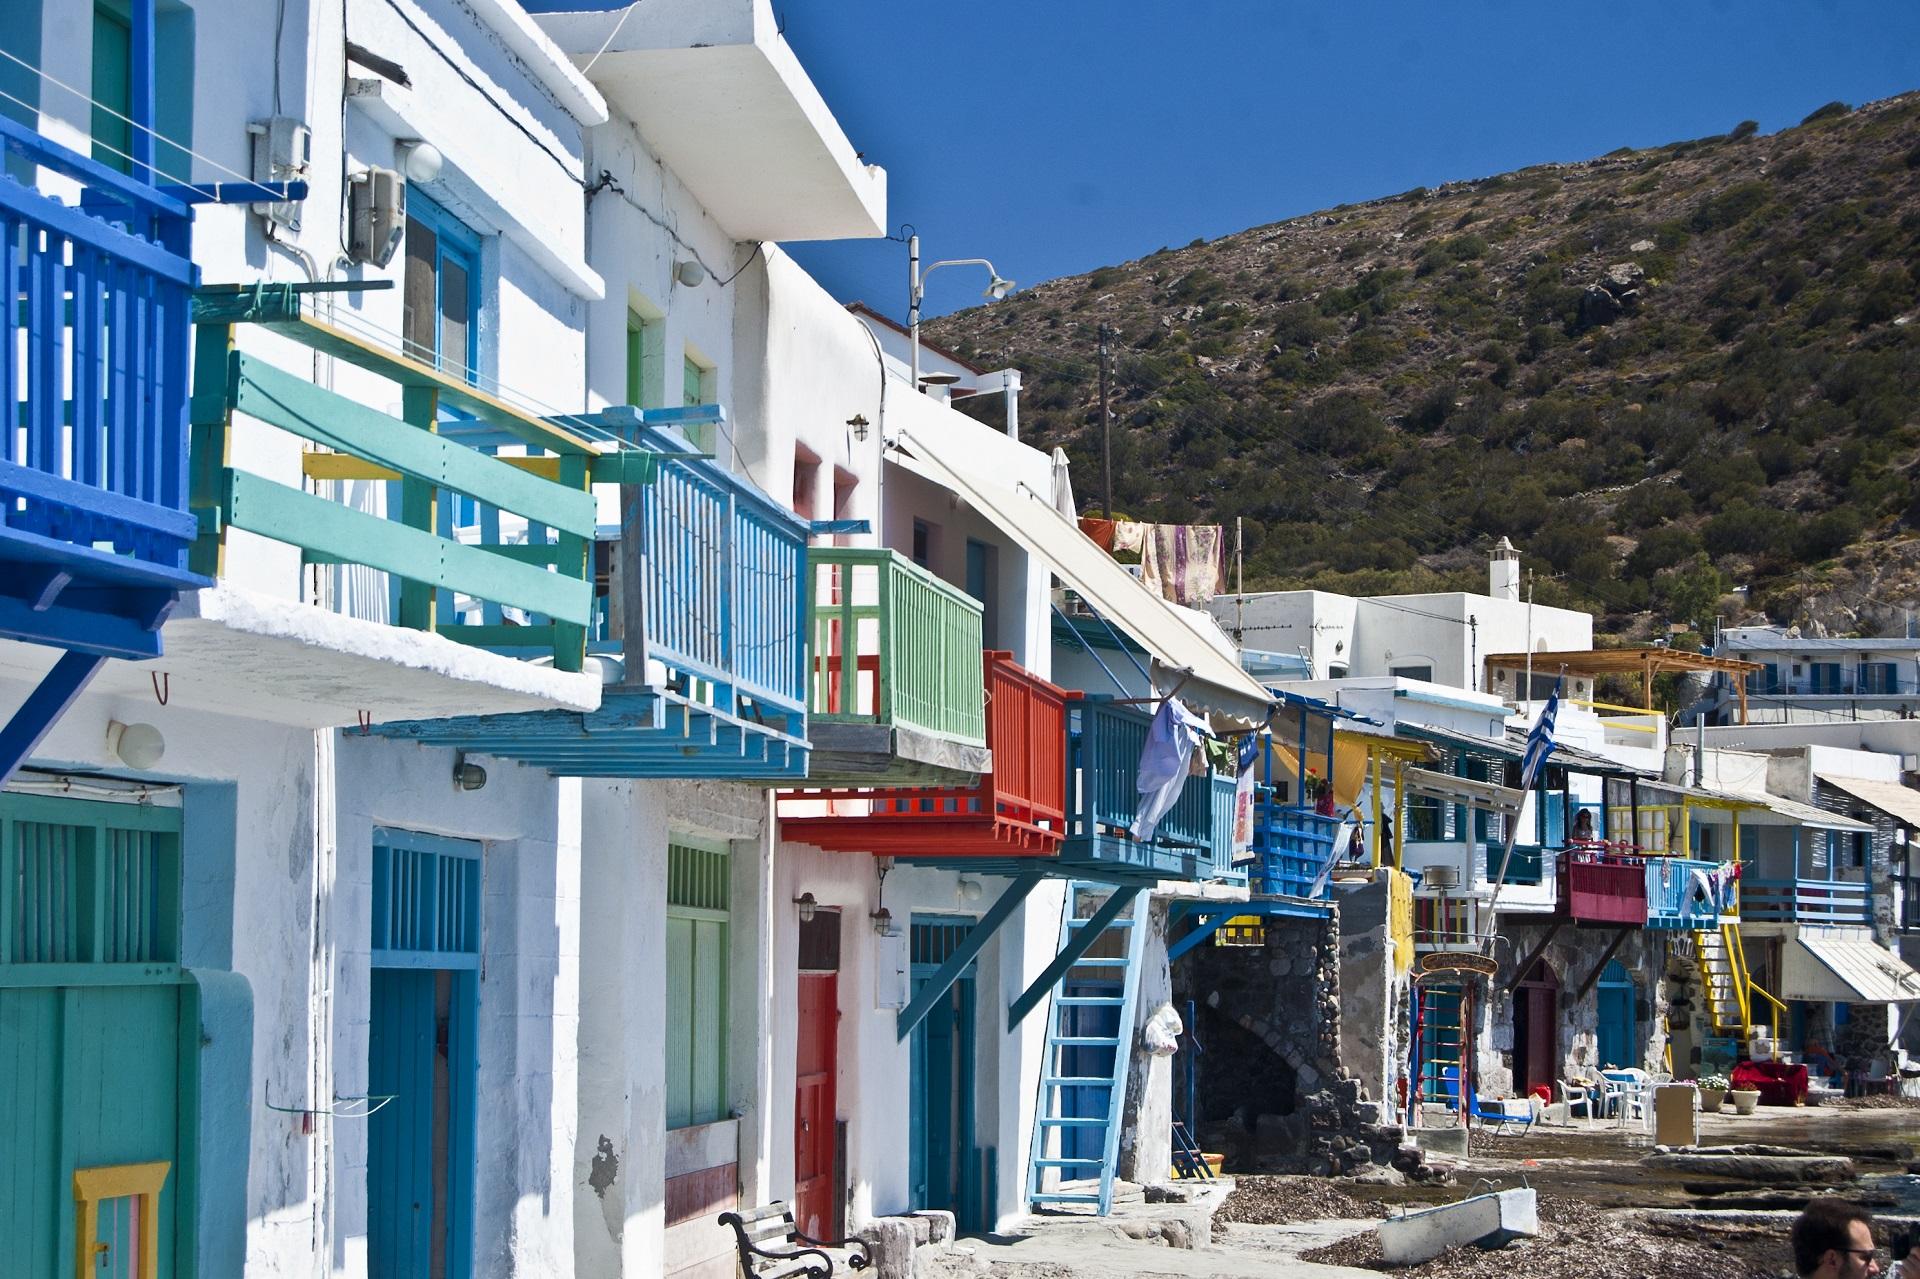 Klima village, Milos, Greece